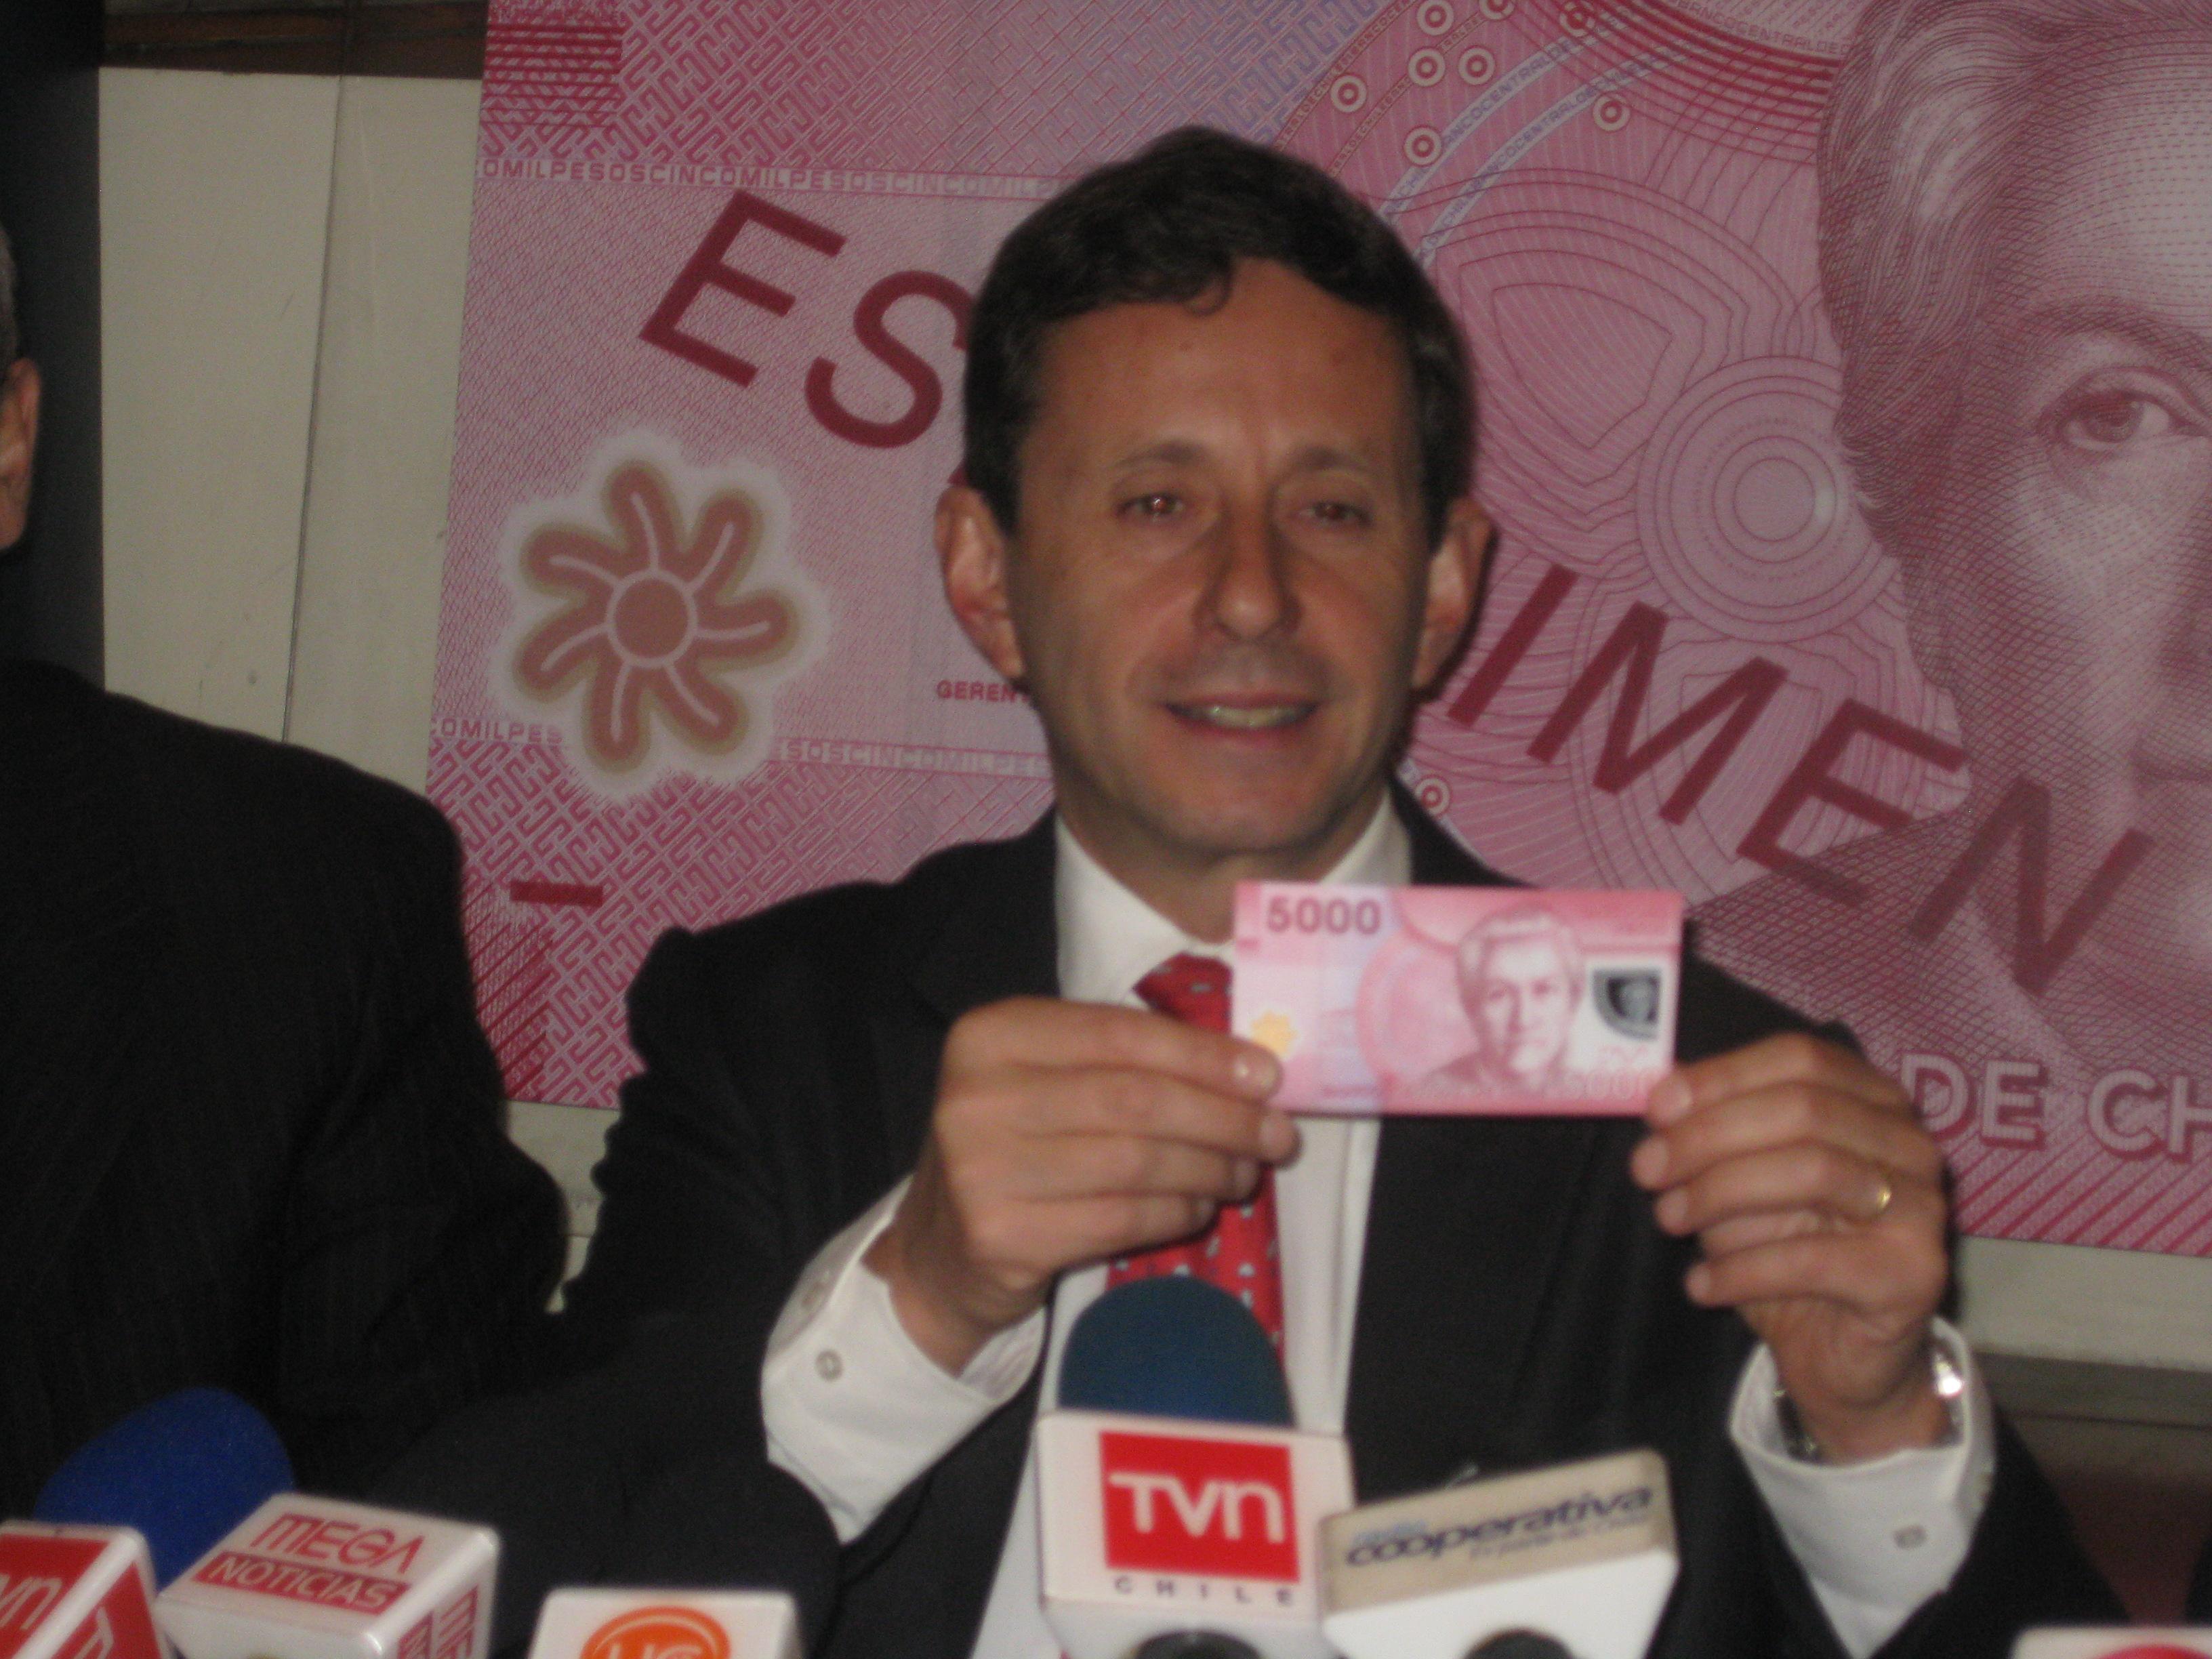 El presidente del Banco Central José de Gregorio presentó en 2009 el nuevo billete de 5000 pesos con el rostro de Mistral.